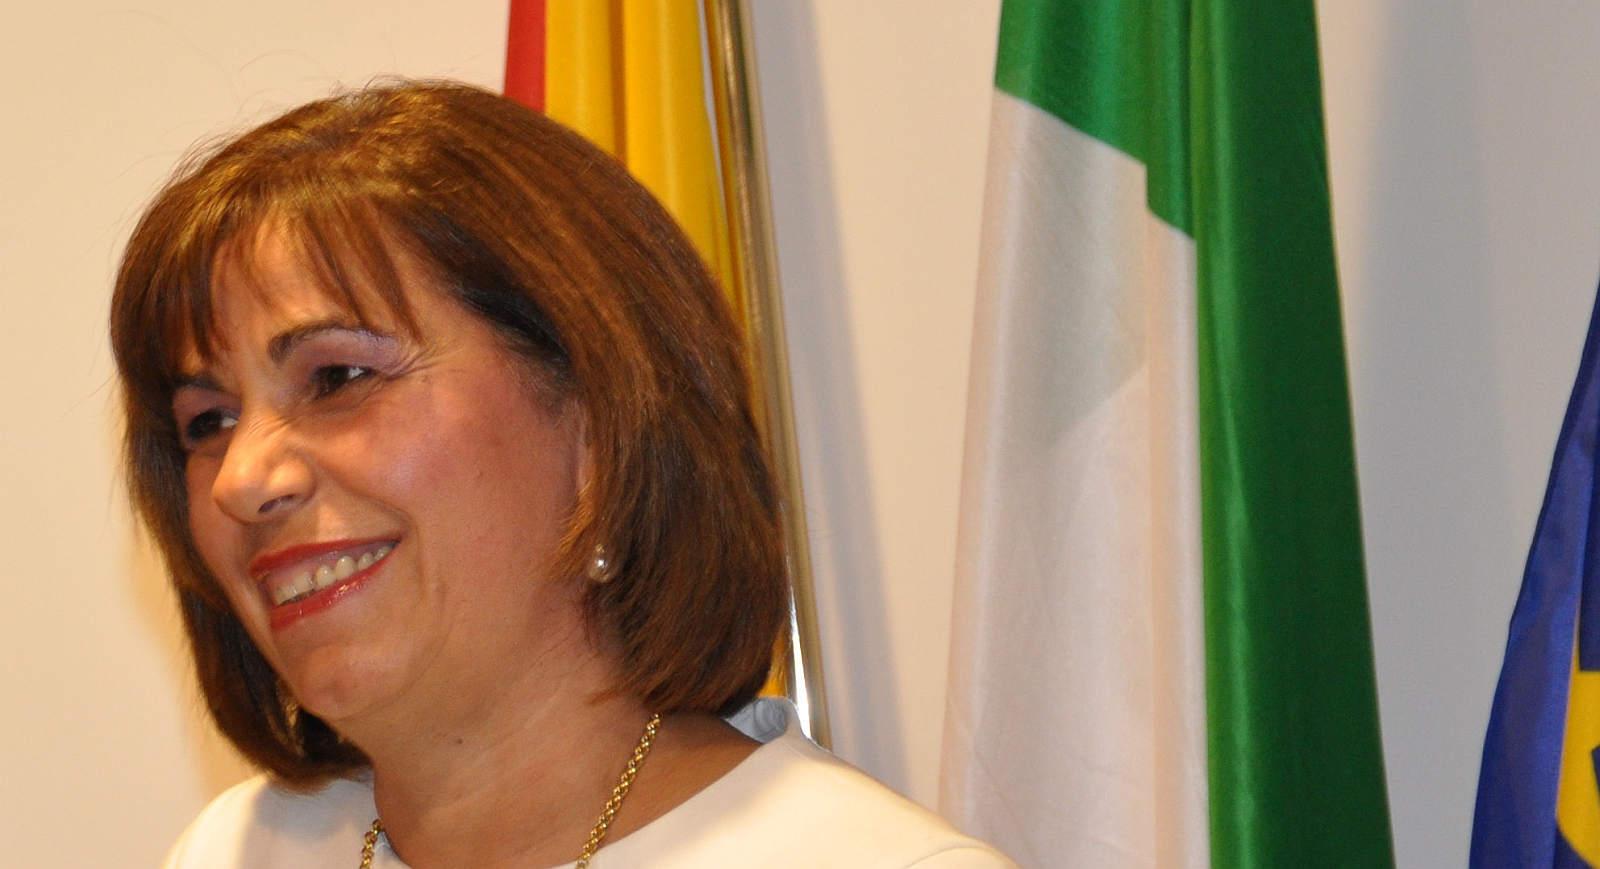 Maria Letizia Di Liberti